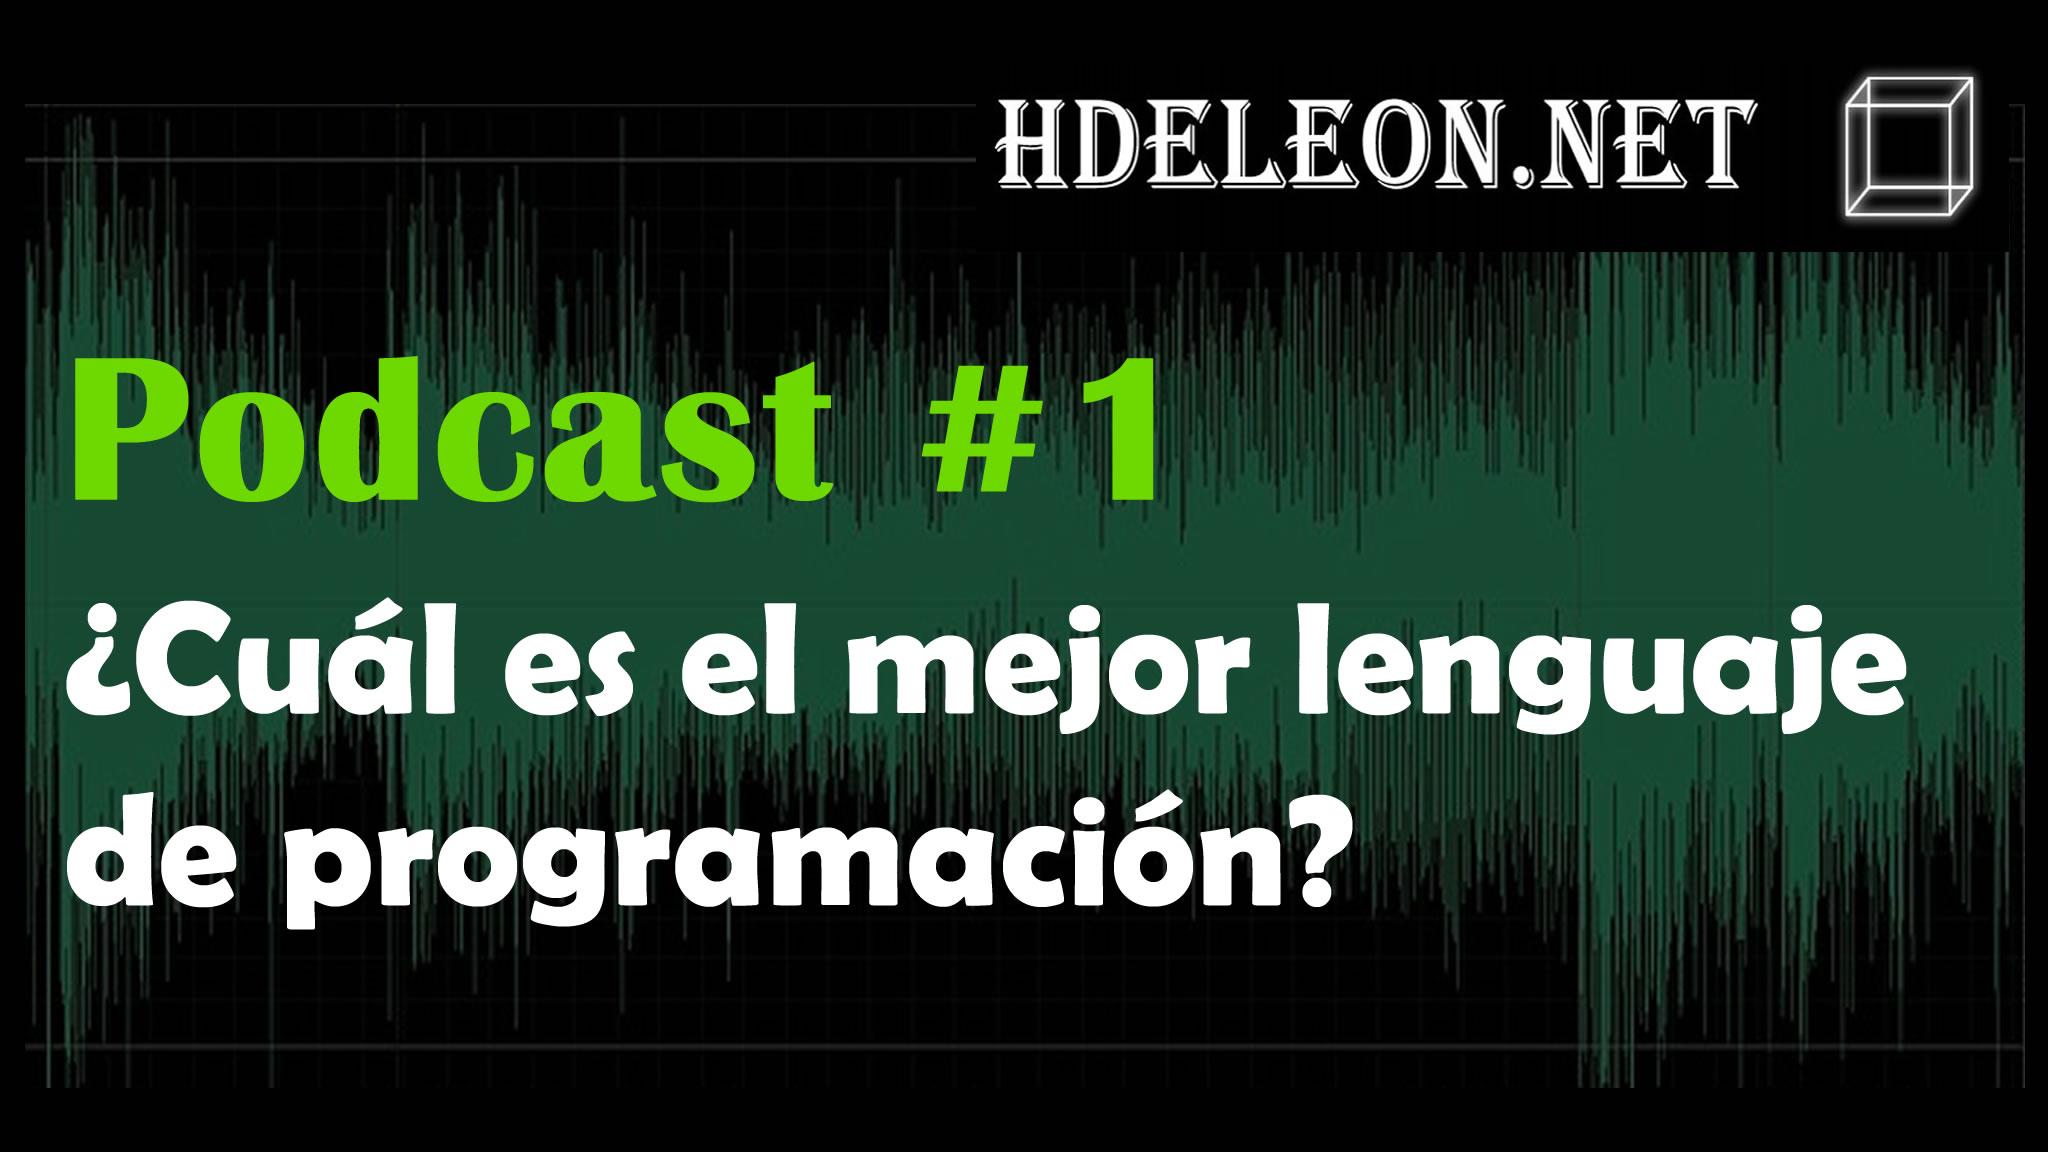 Podcast #1 – ¿Cuál es el mejor lenguaje de programación?